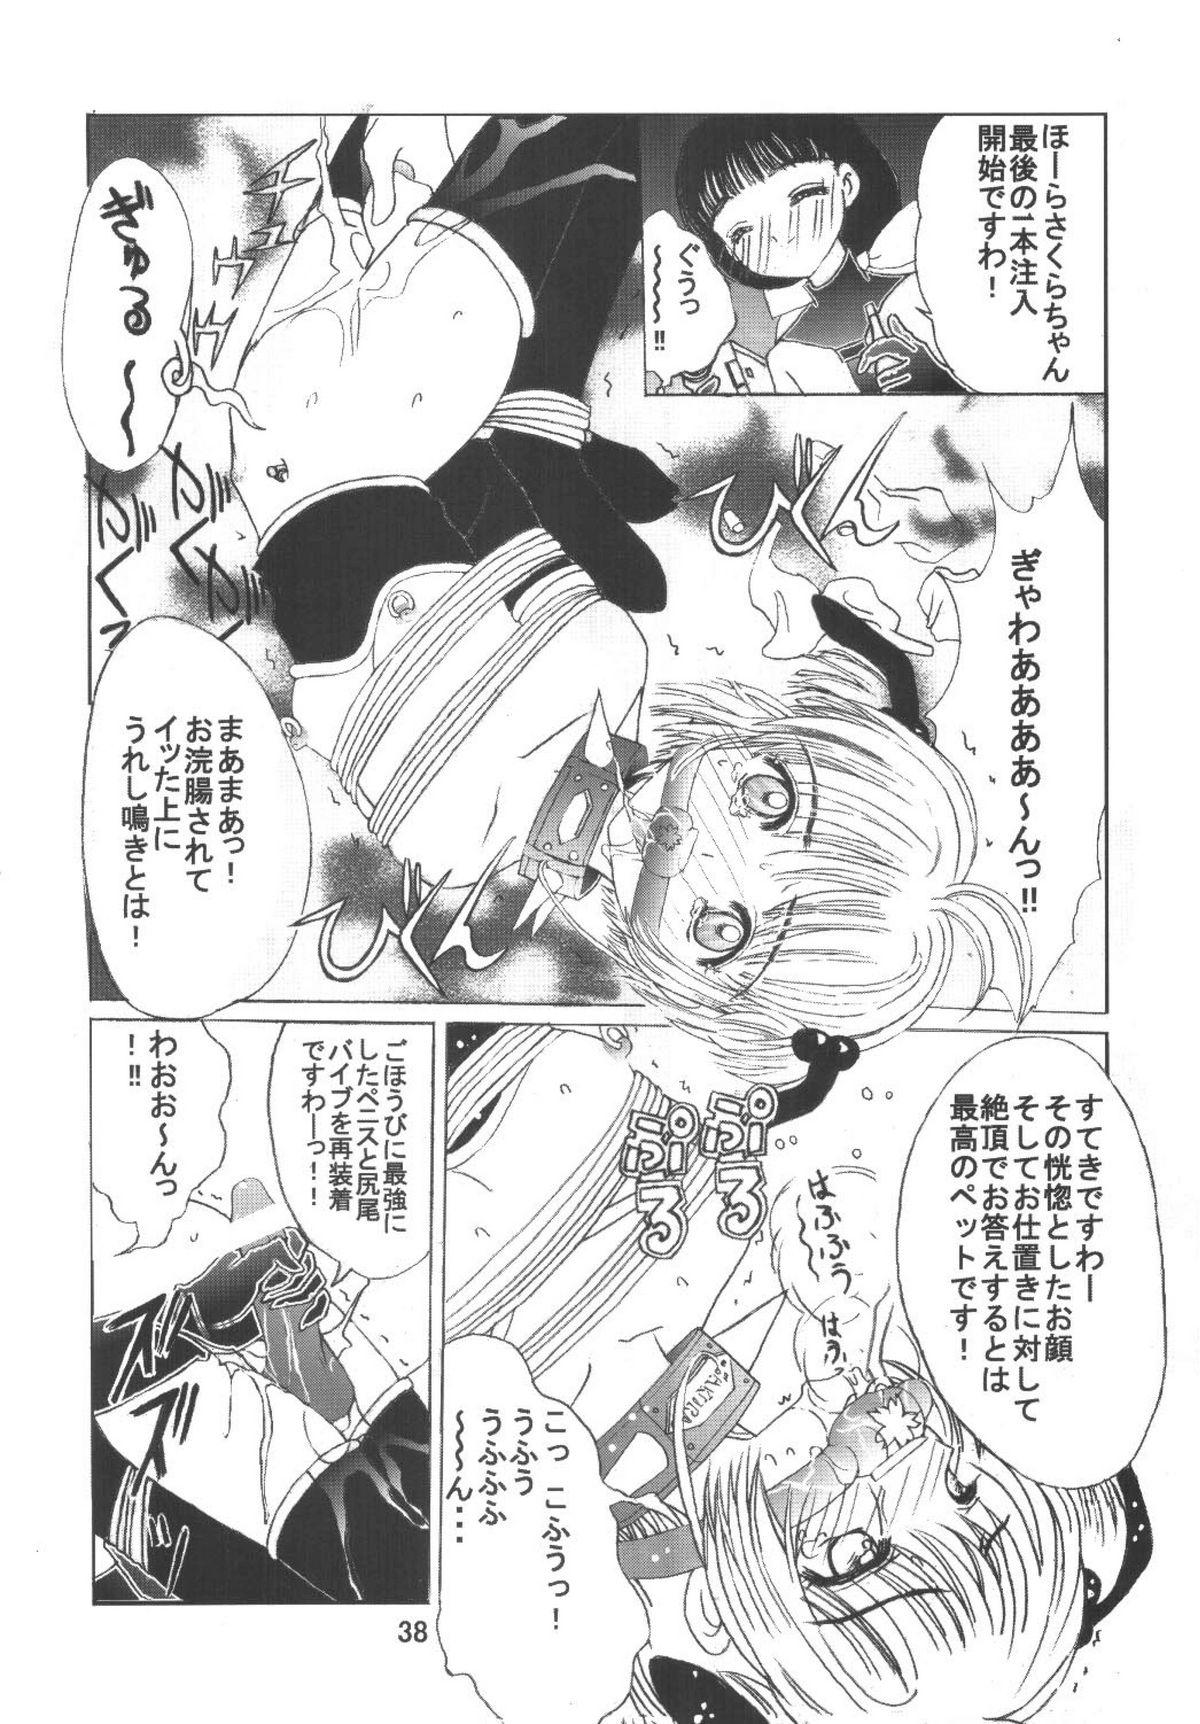 Kuuronziyou 6 Sakura-chan de Asobou 3 37